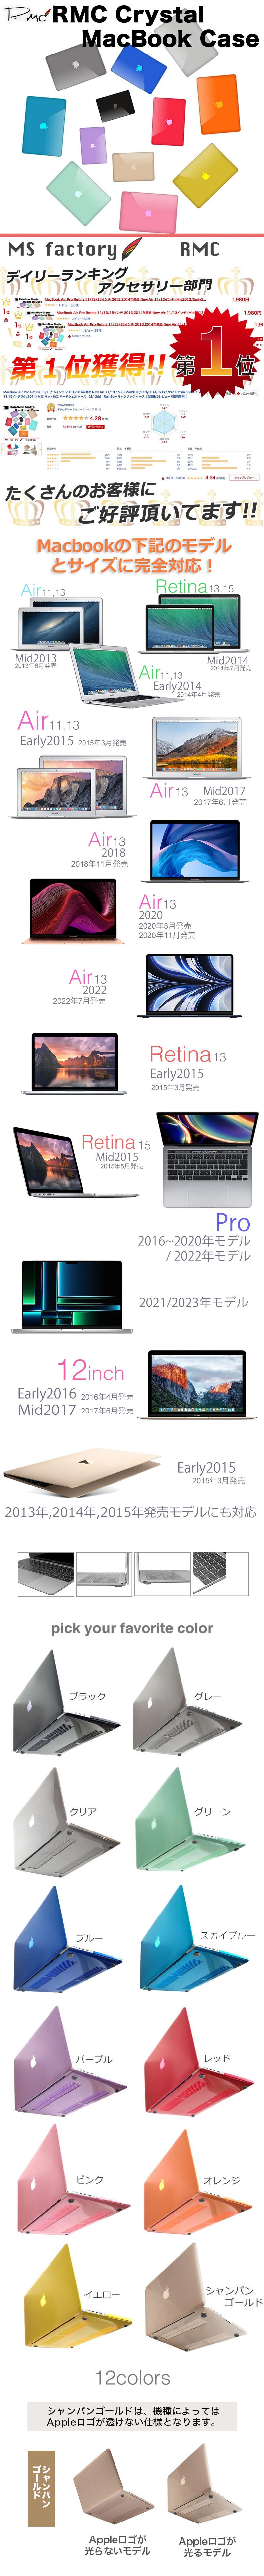 Apple macbookpro Retina